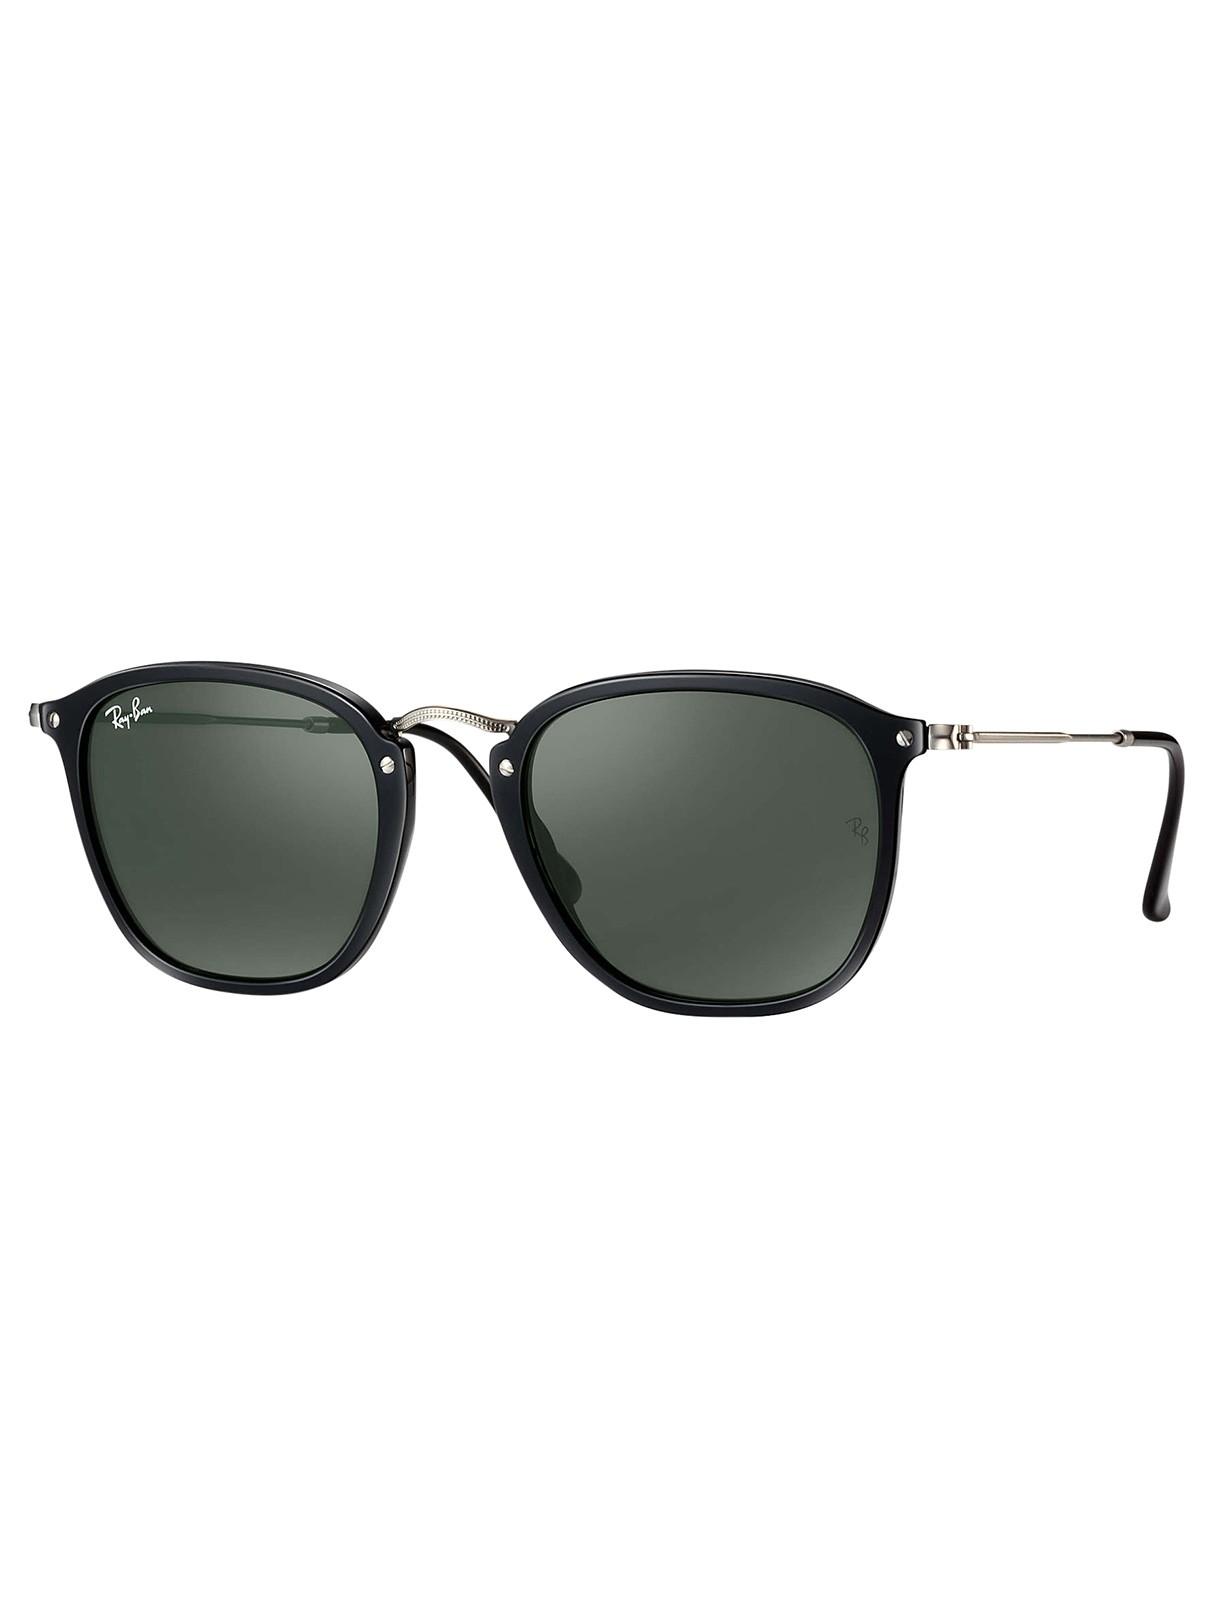 06e168f2da Ray-Ban Black Square Injected Sunglasses